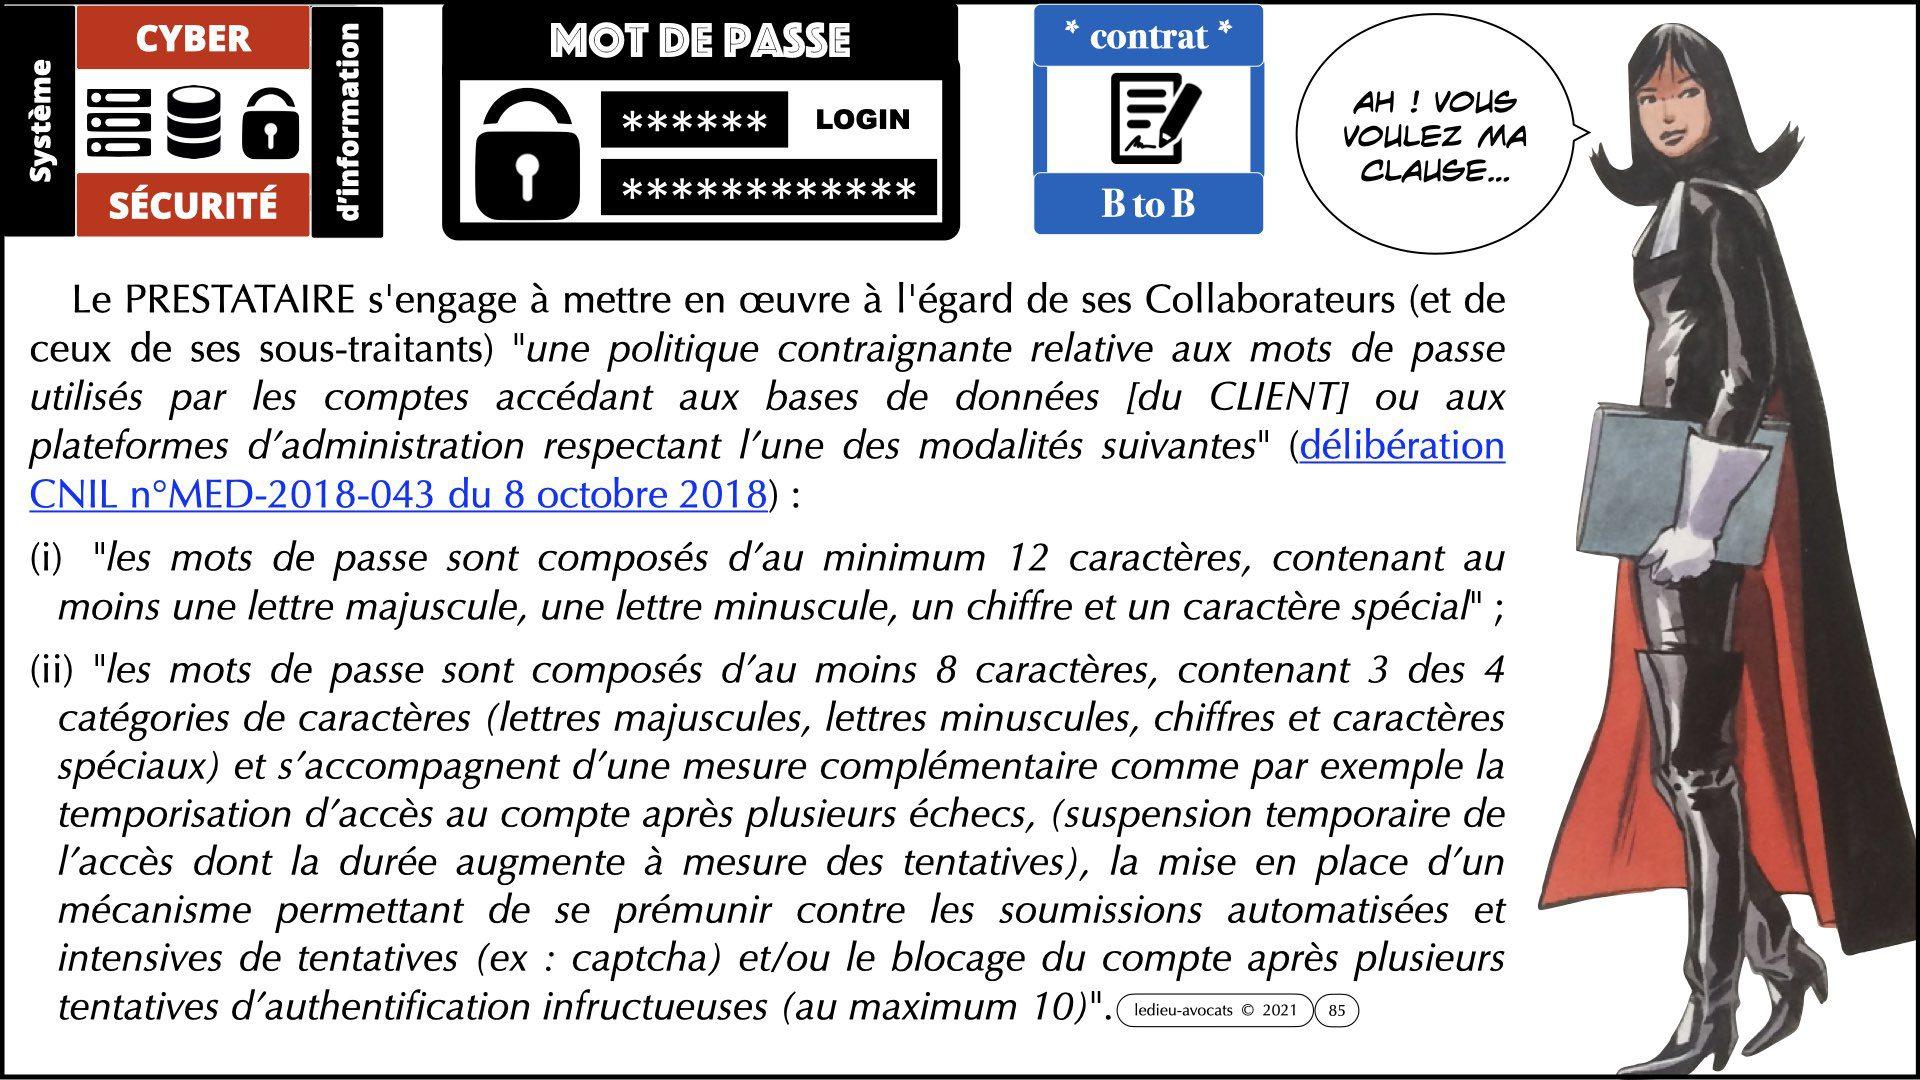 342 droit mot de passe OIV OSE ANALYSE de RISQUE EBIOS RM © Ledieu-Avocats technique droit numérique 05-09-2021.015